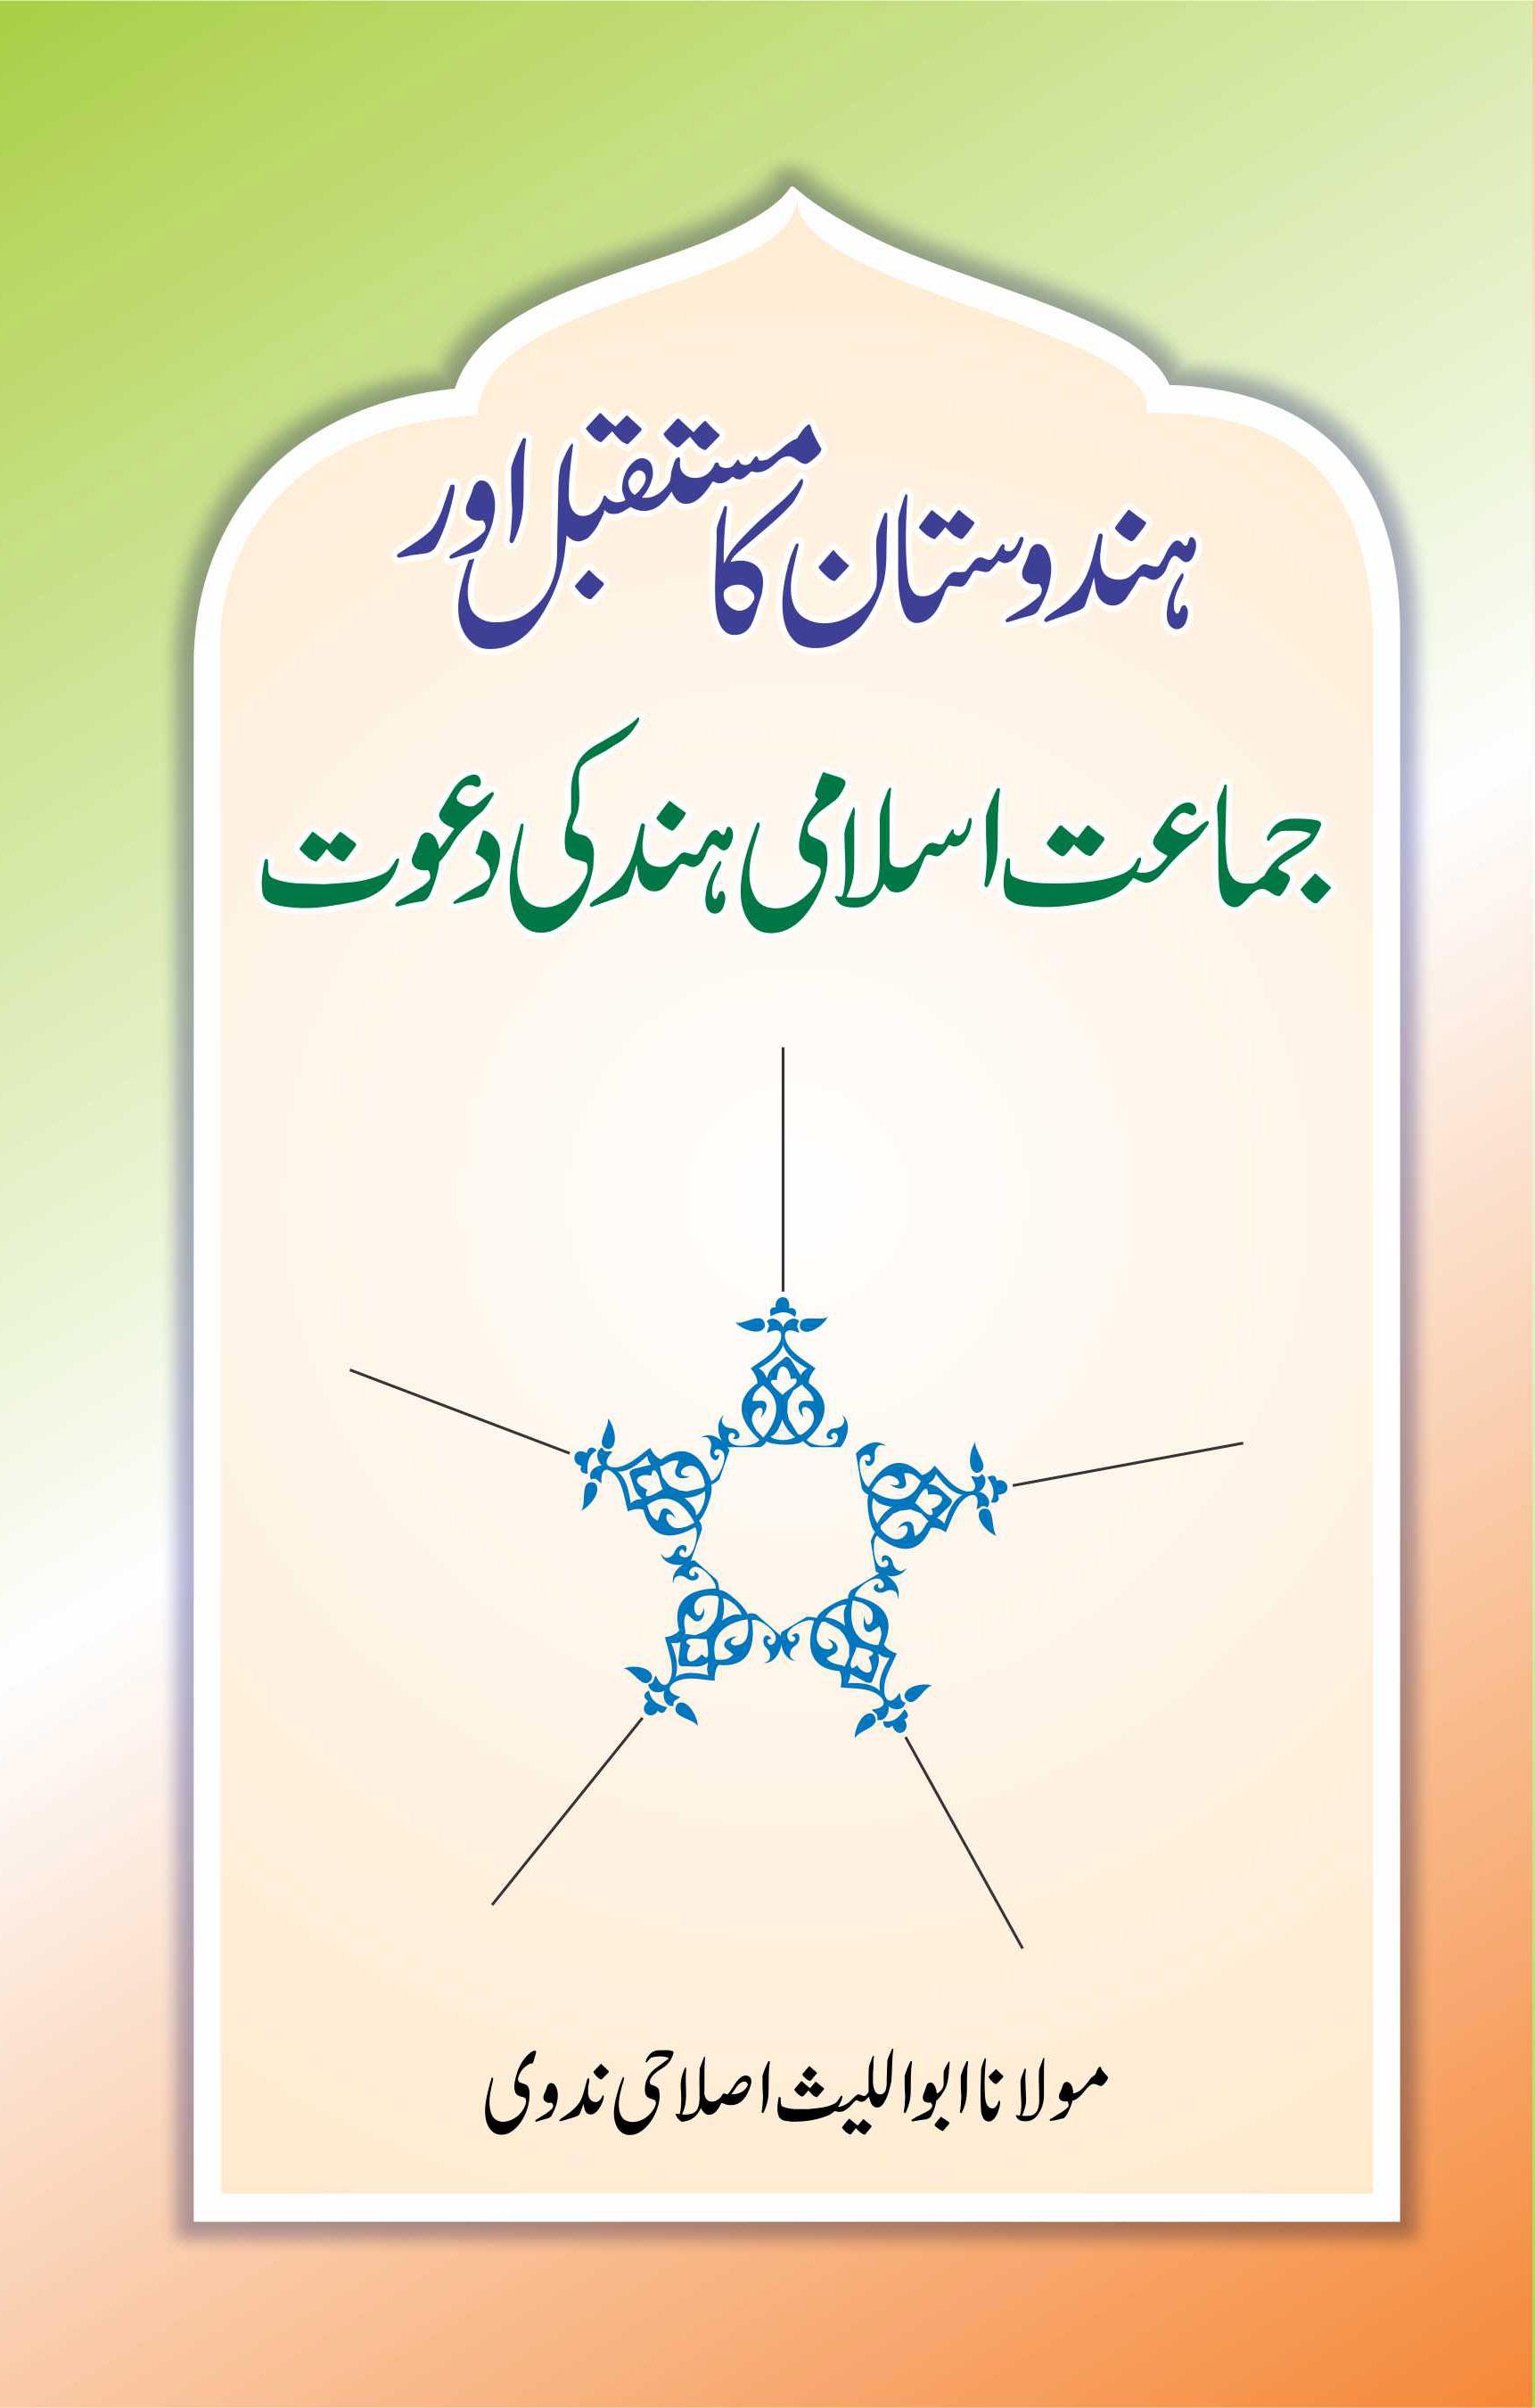 Urdu ka mustaqbil